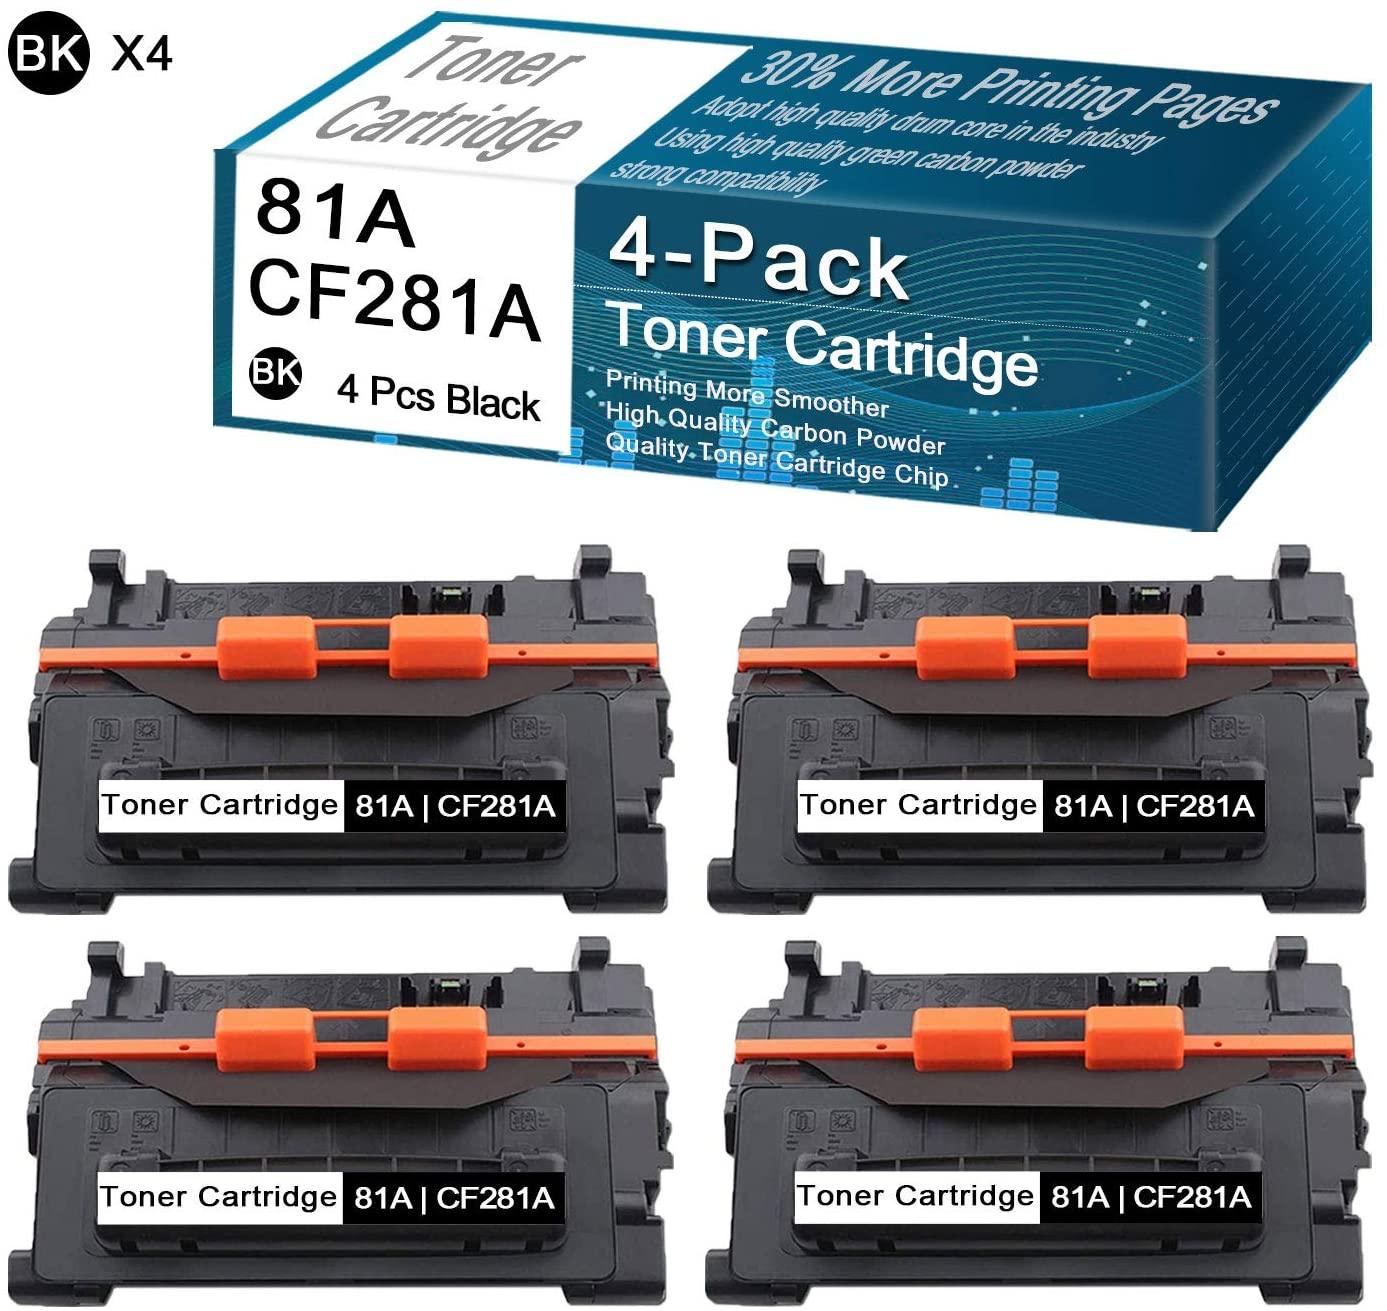 CuToner Compatible Toner Cartridges 4-Pack Black 81A   CF281A Replacement for HP Laserjet Enterprise M604n,M604dn,M605n,M605dn,M605x,M606dn,M630h,M630dn,M630f,M630z,M604 Printers Toner Cartridges.